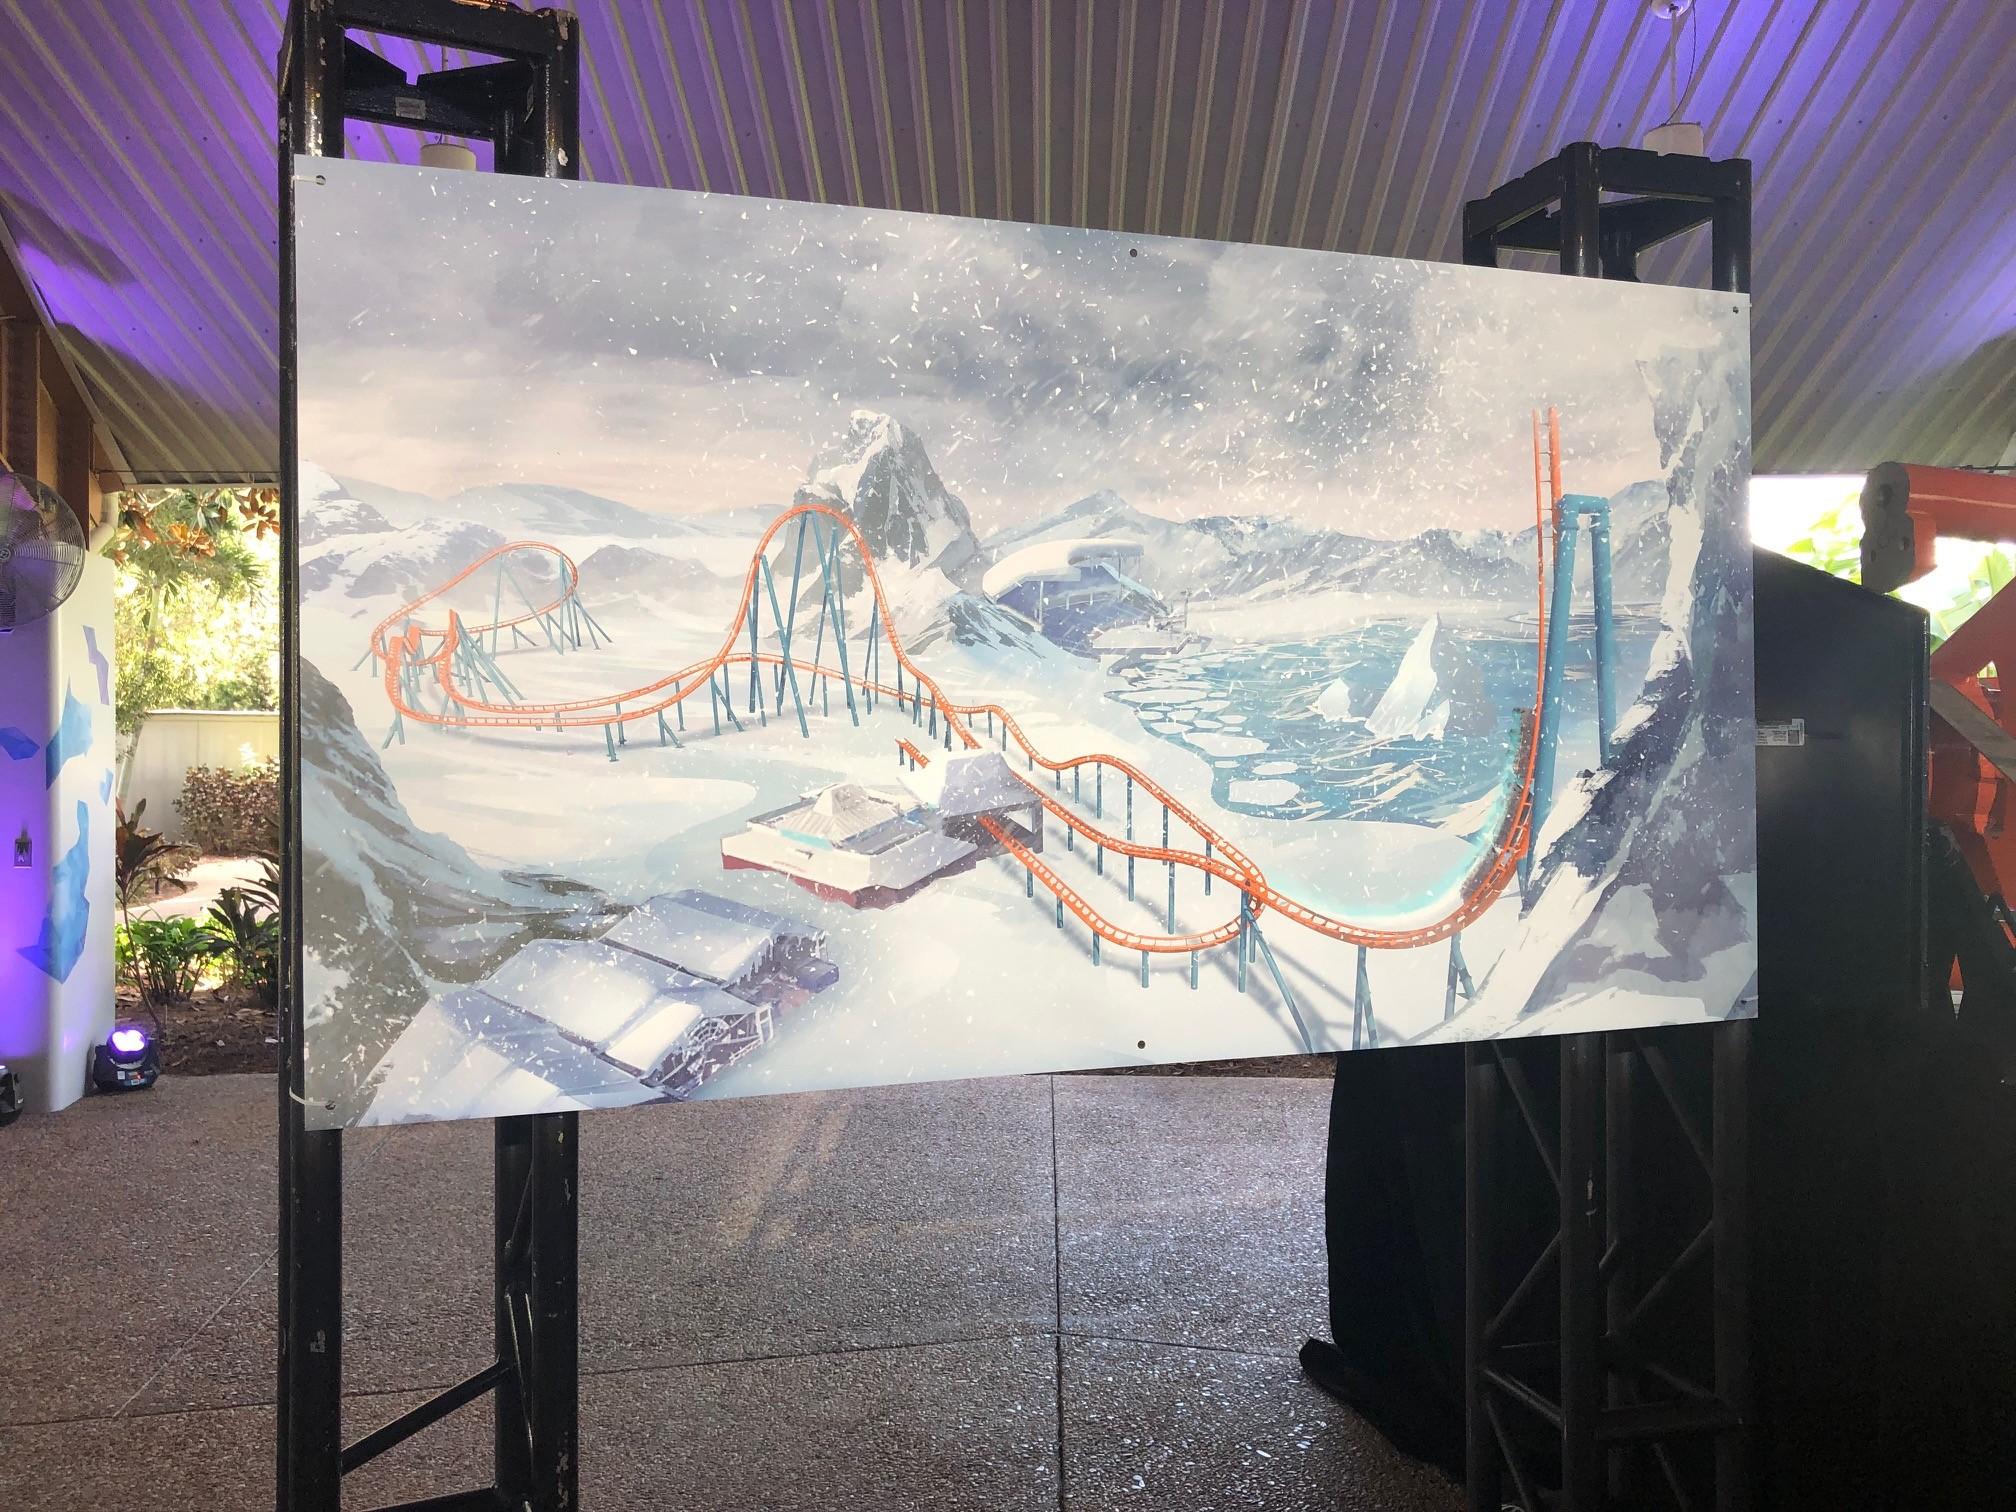 SeaWorld Orlando announces Ice Breaker launch coaster for 2020